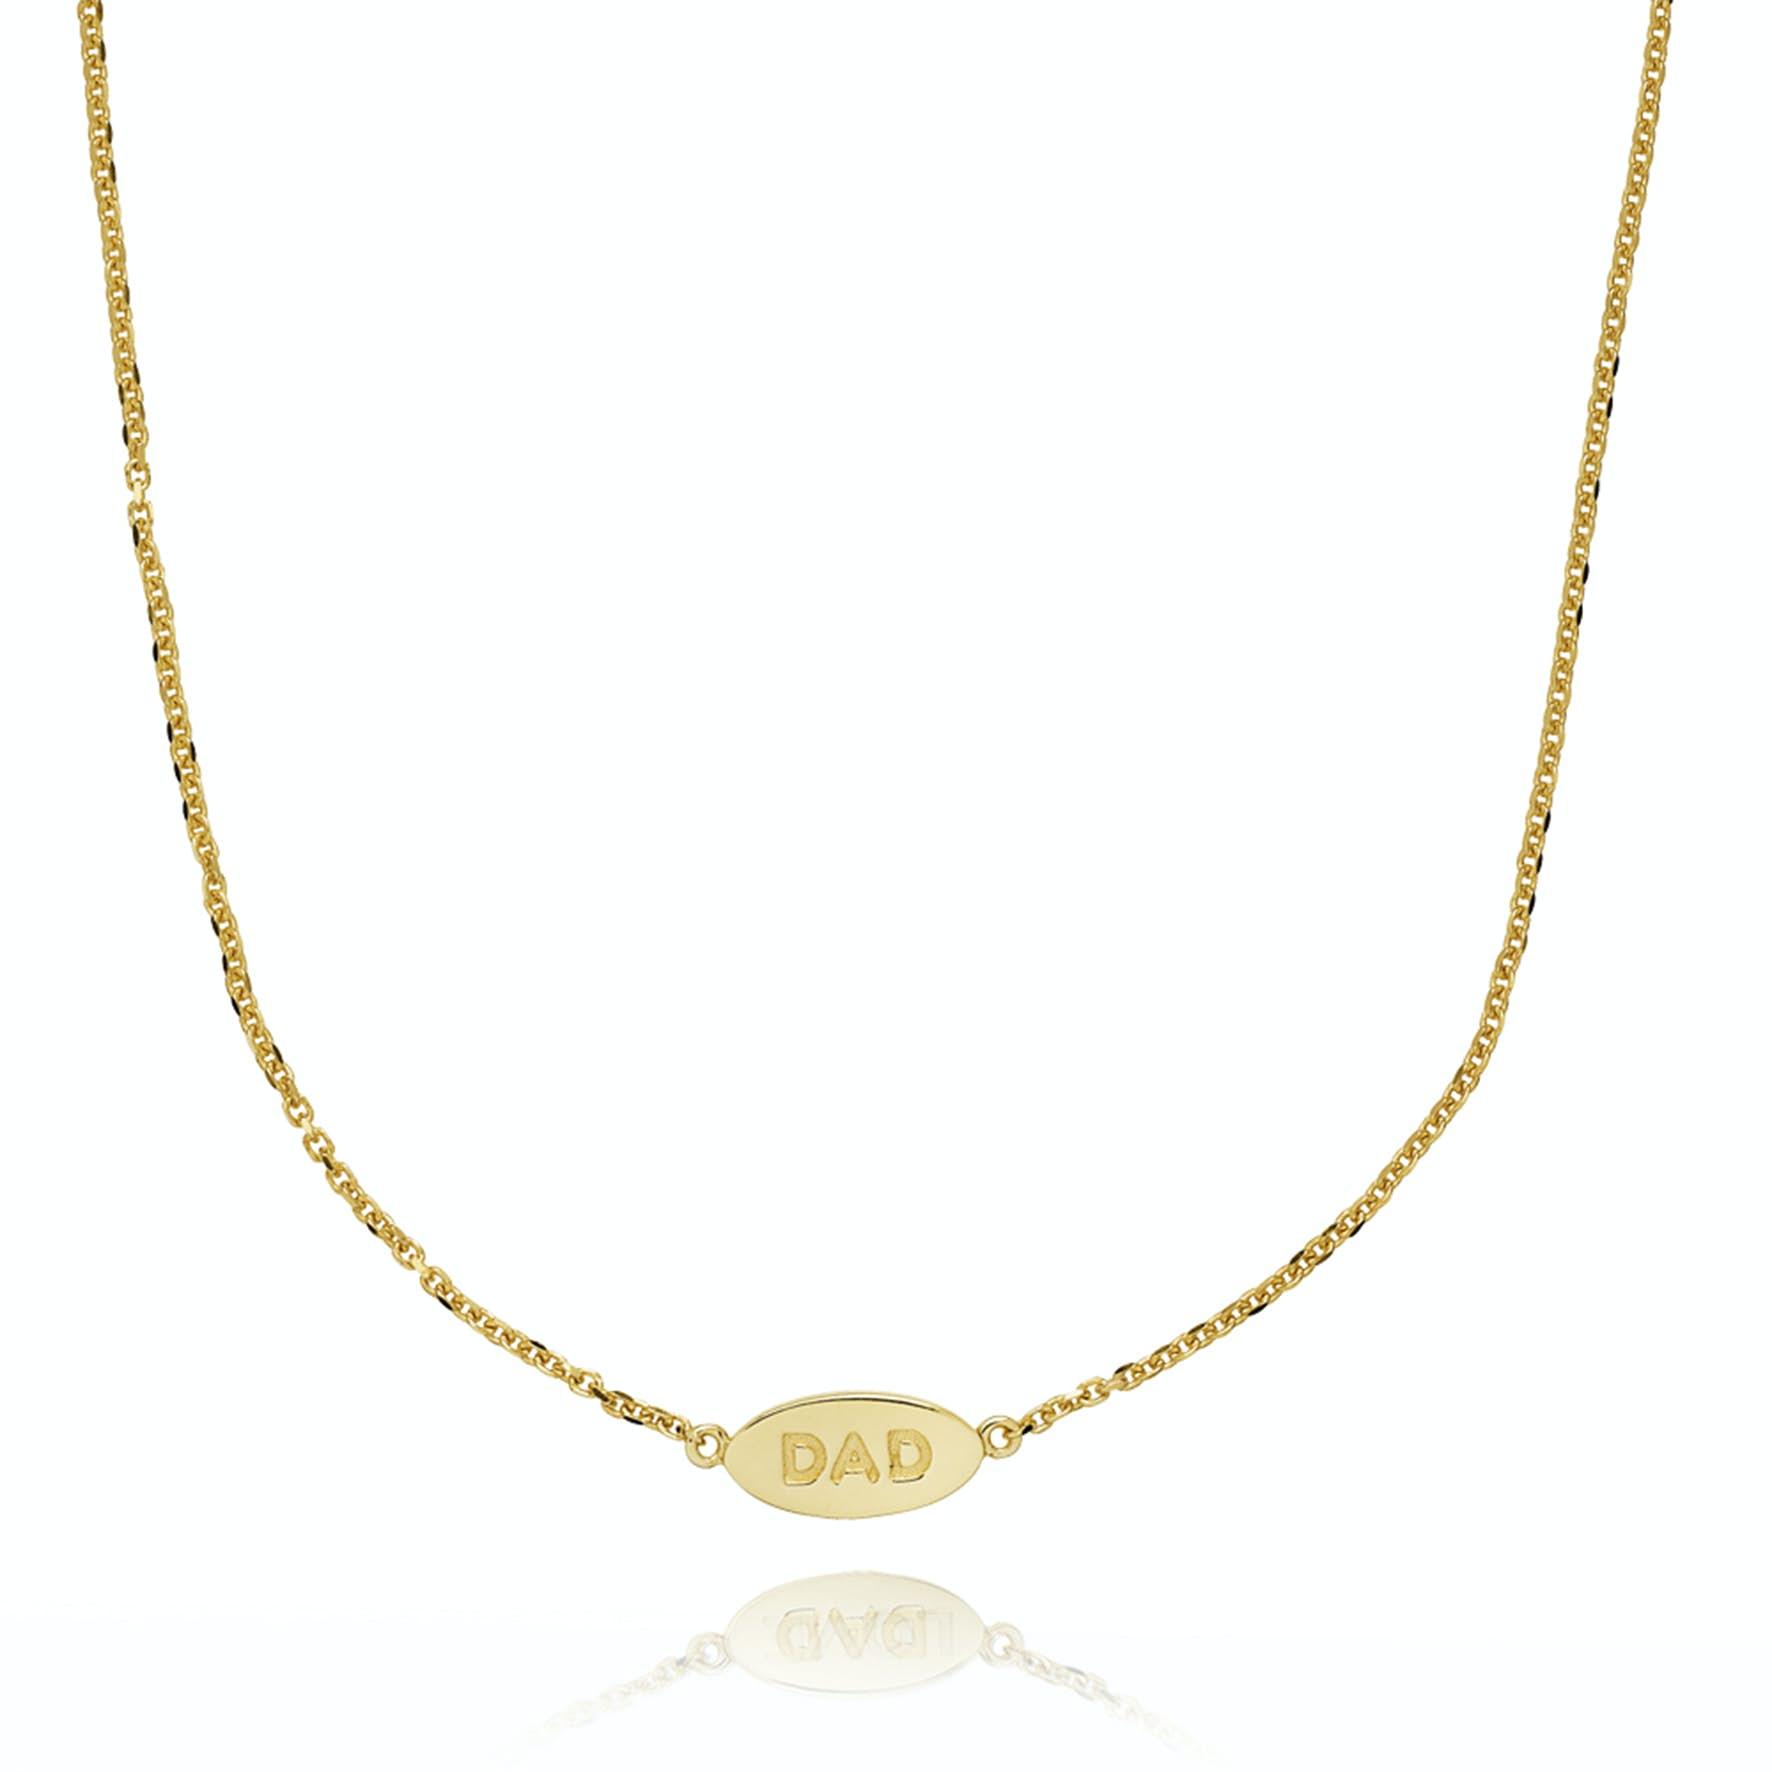 Fam Dad Necklace von Sistie in Vergoldet-Silber Sterling 925